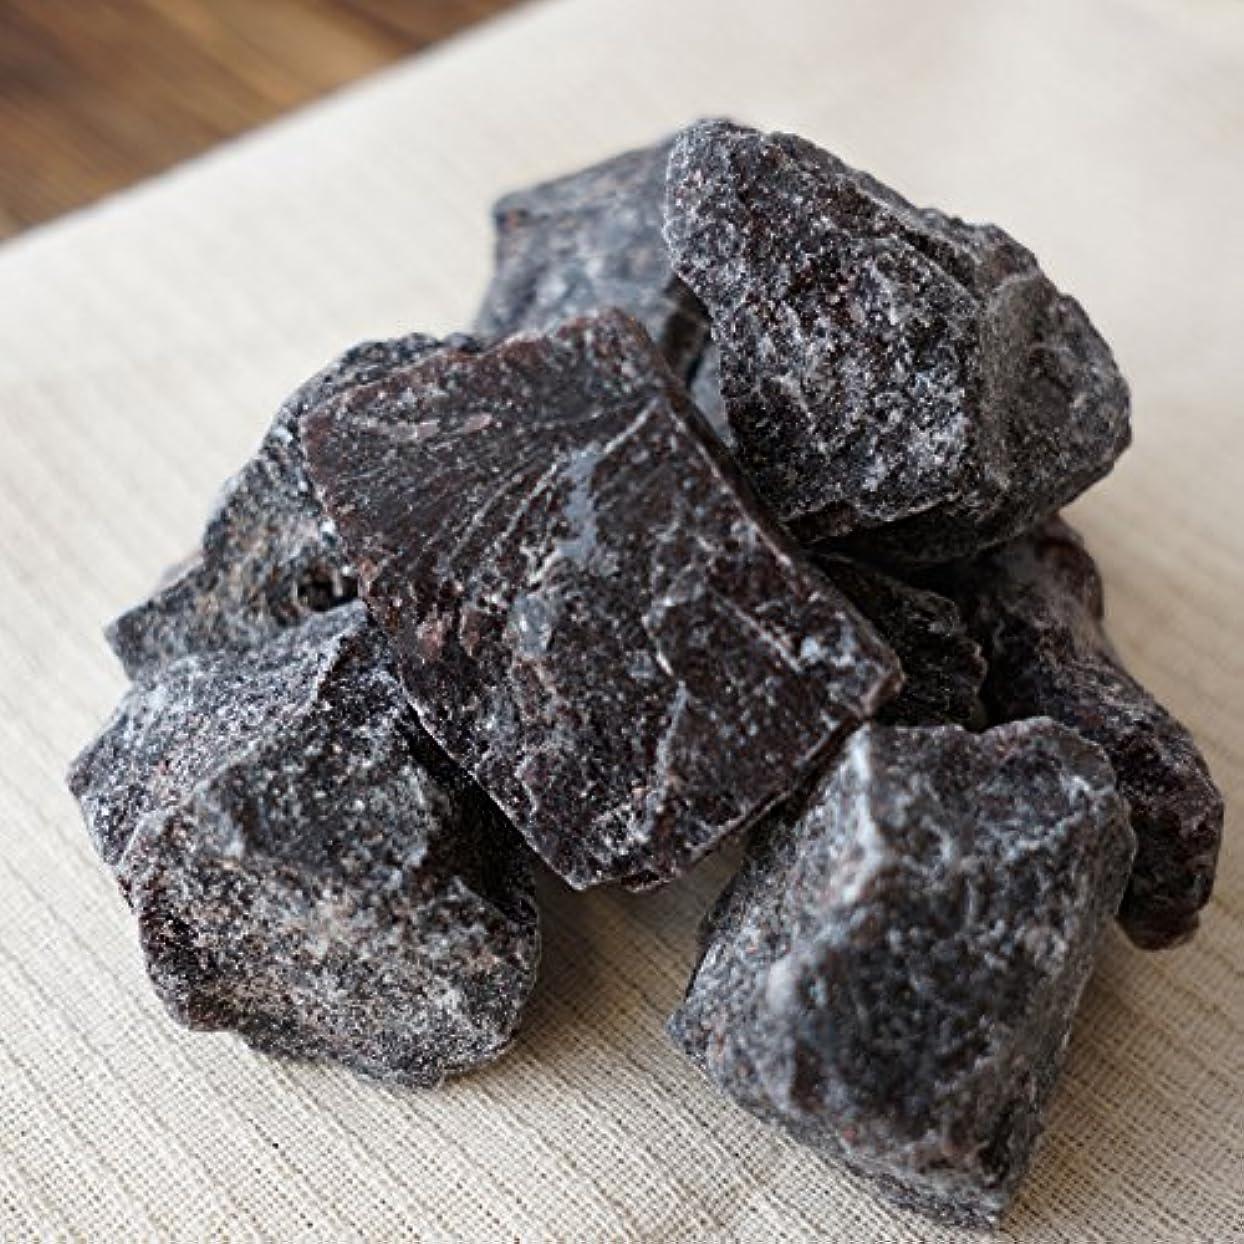 幻滅するかどうか護衛希少 インド岩塩 ルビー ブロック 約2-5cm 5,000g 原料